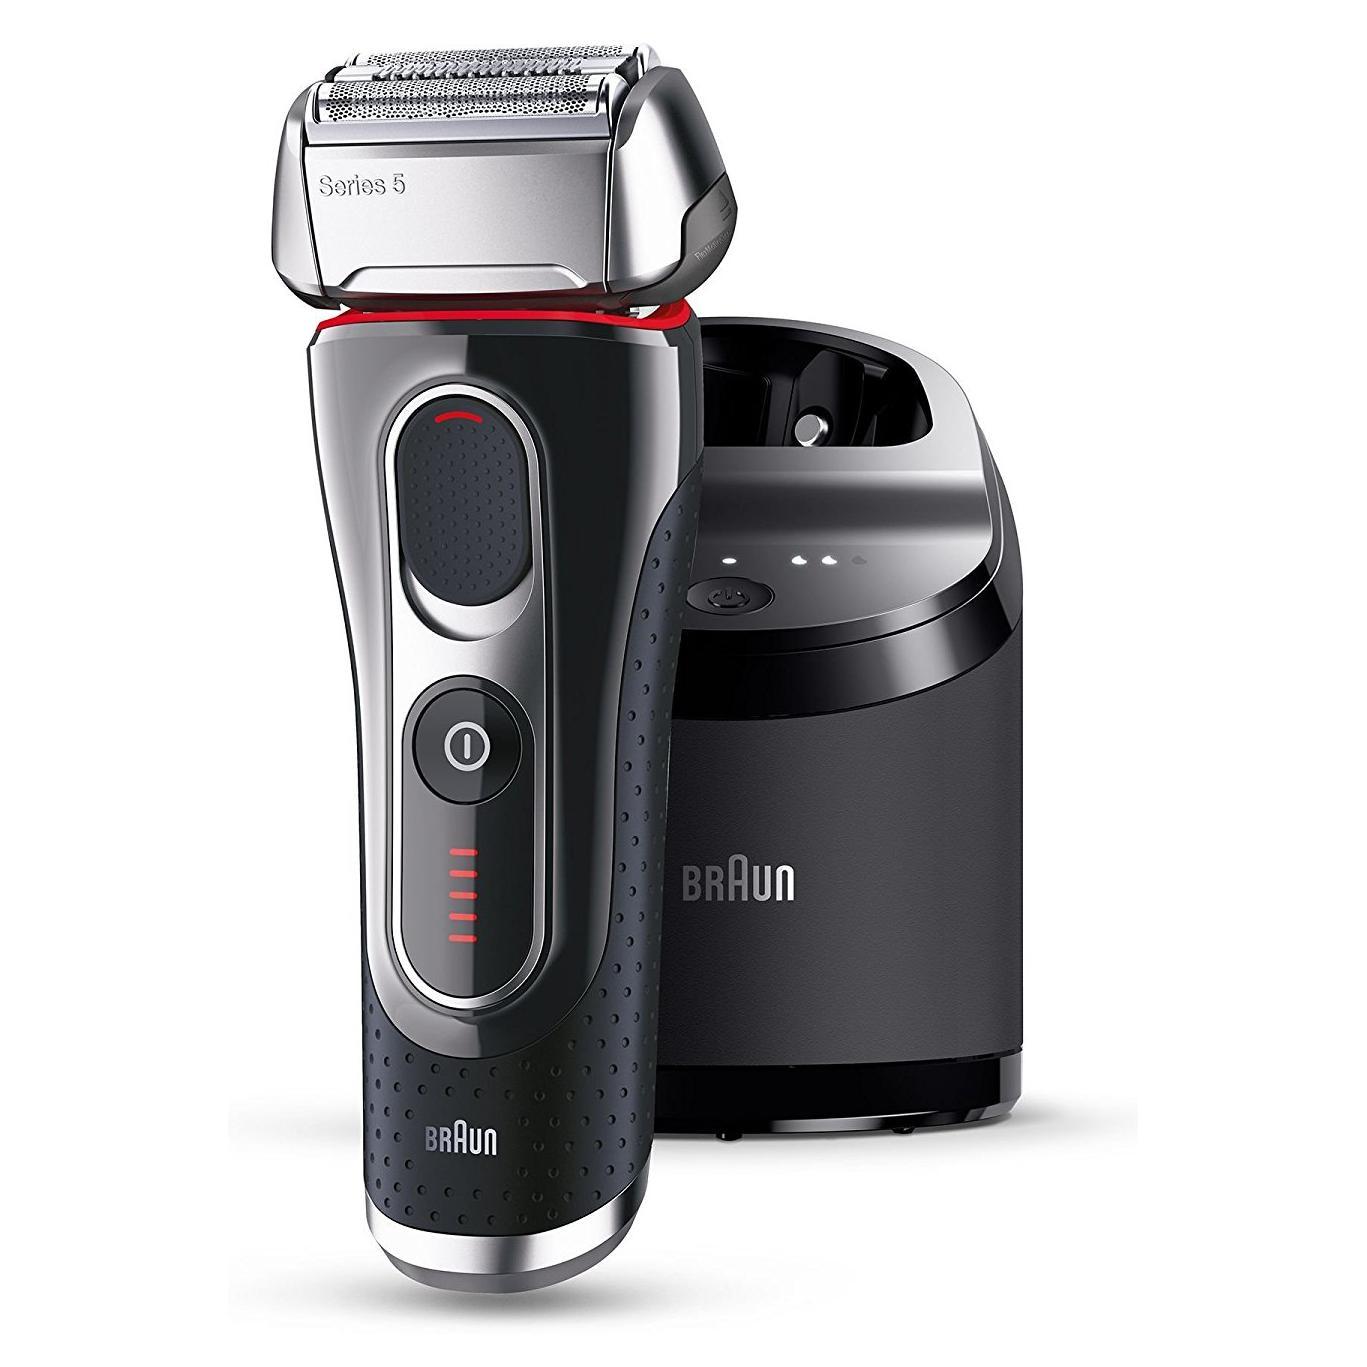 Braun Series 5-5090Cc Herrenrasierer